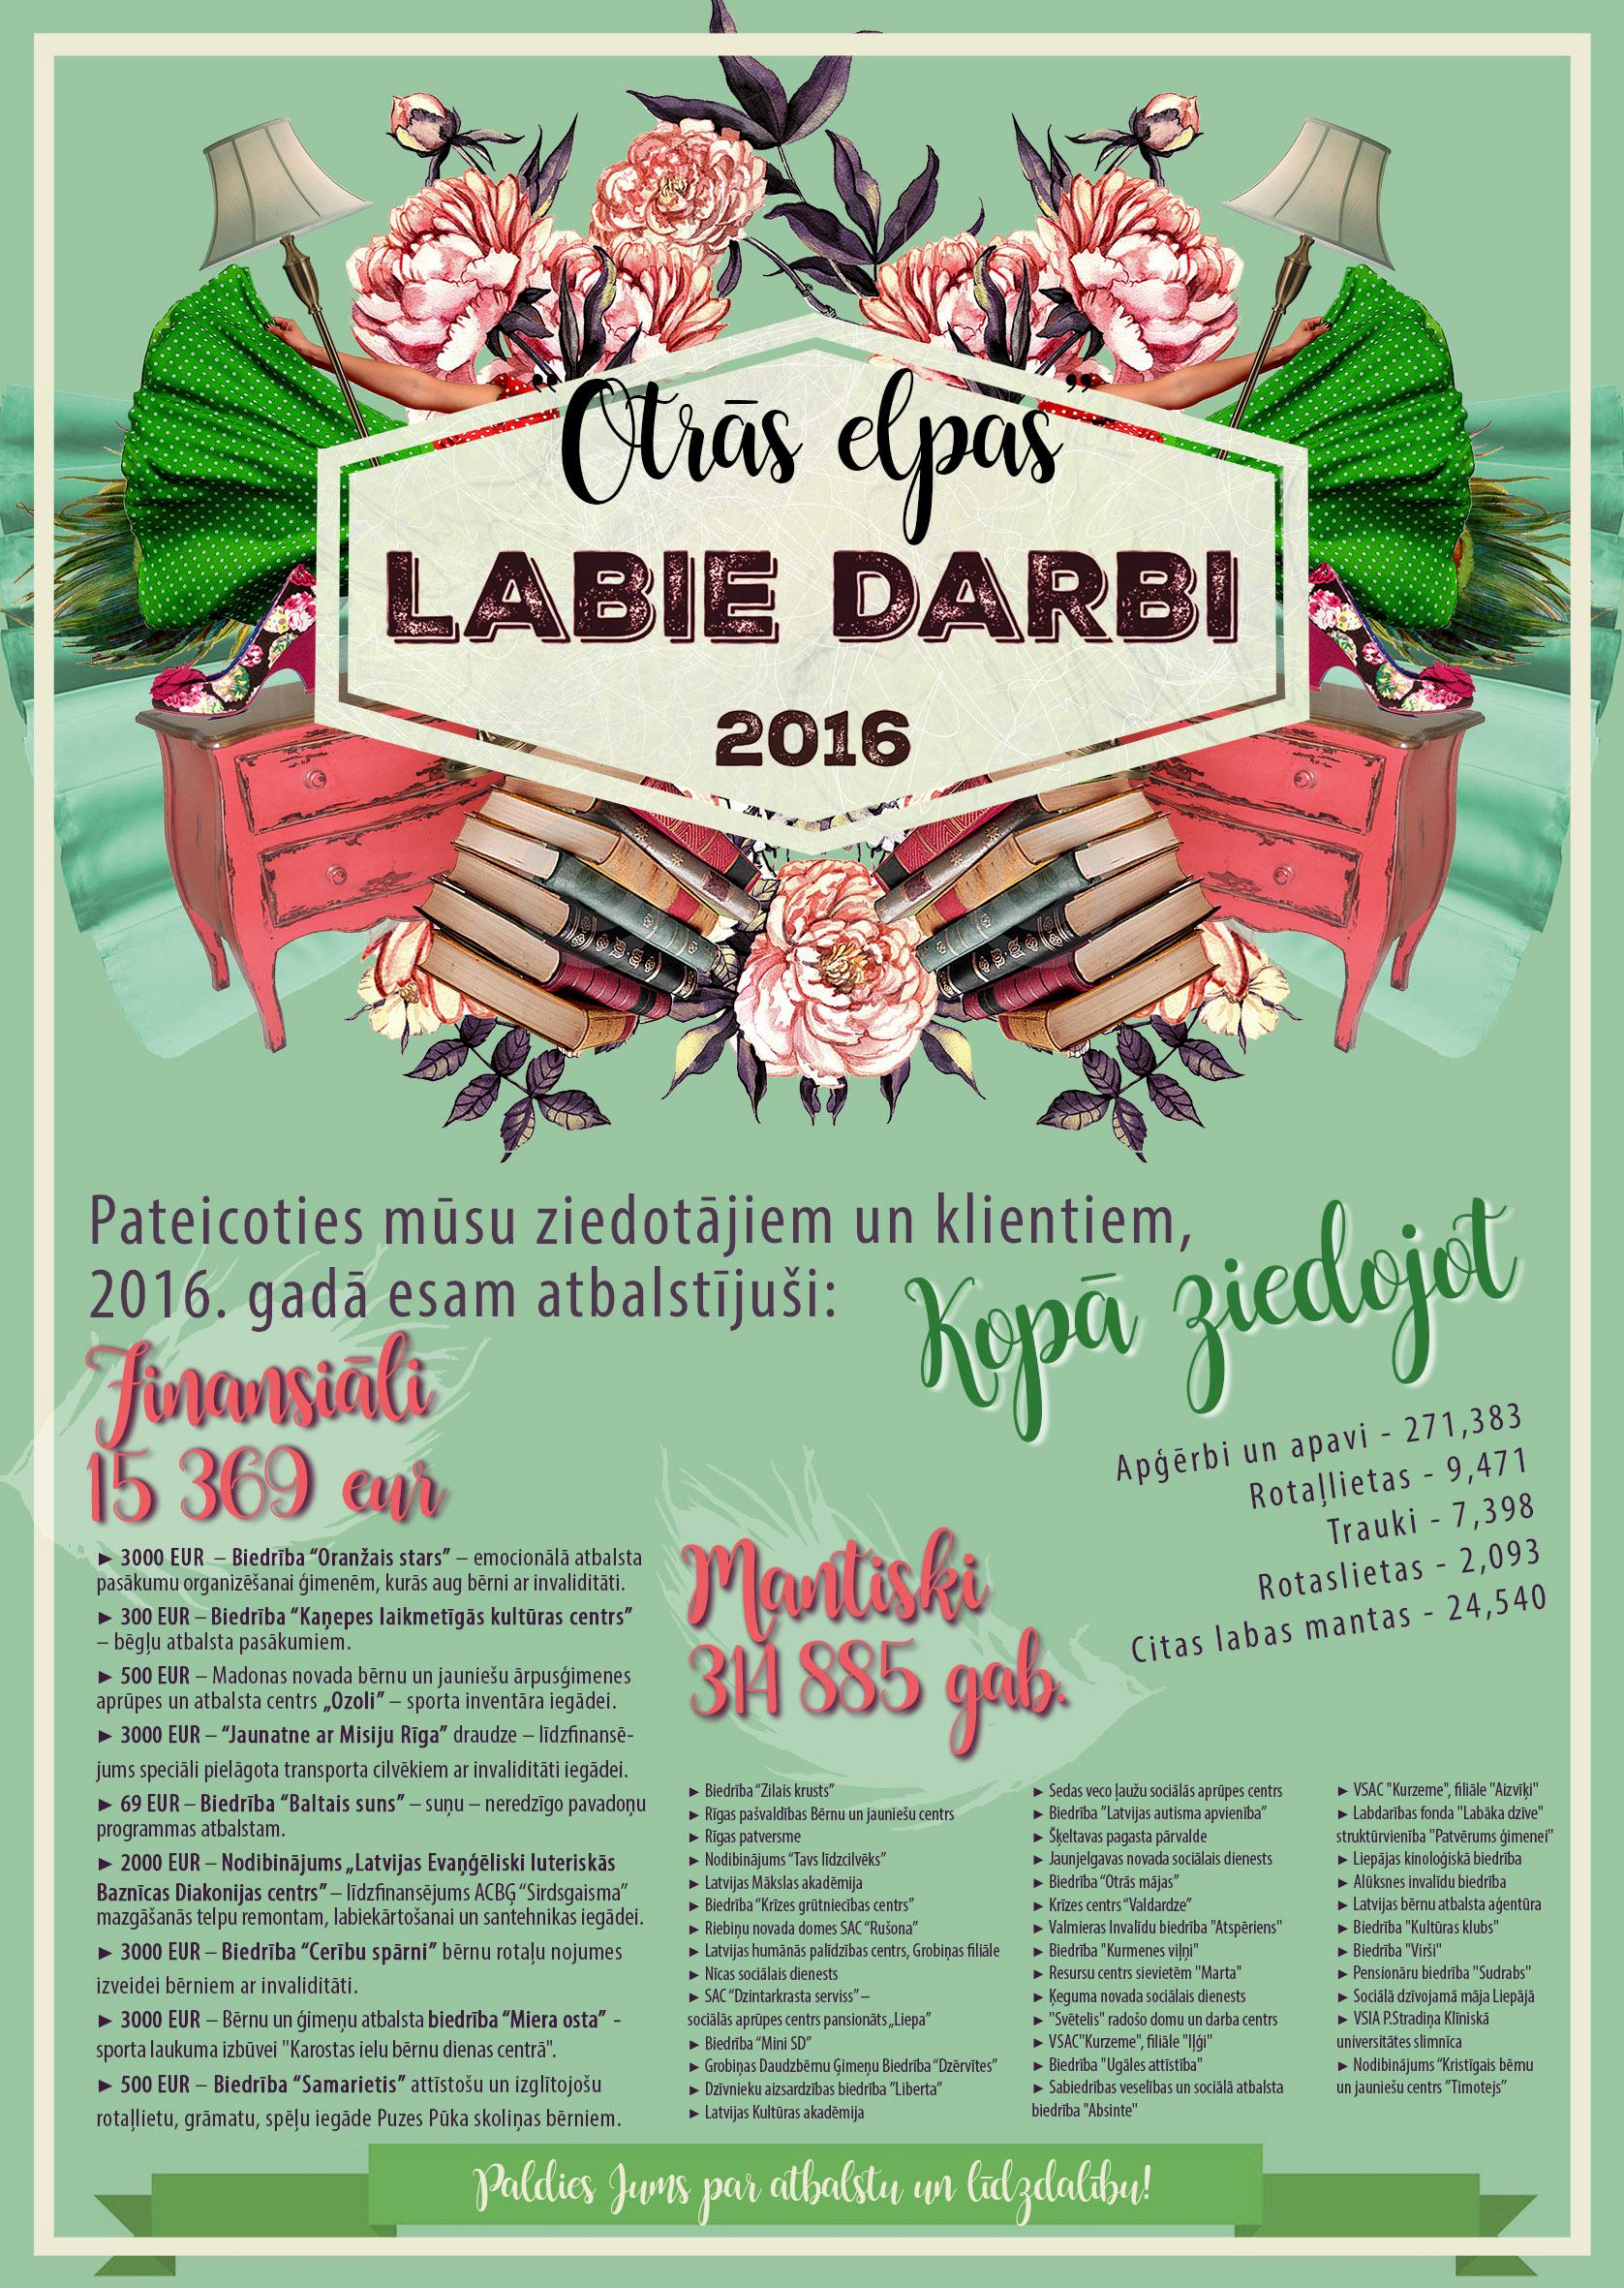 labiedarbi-2015